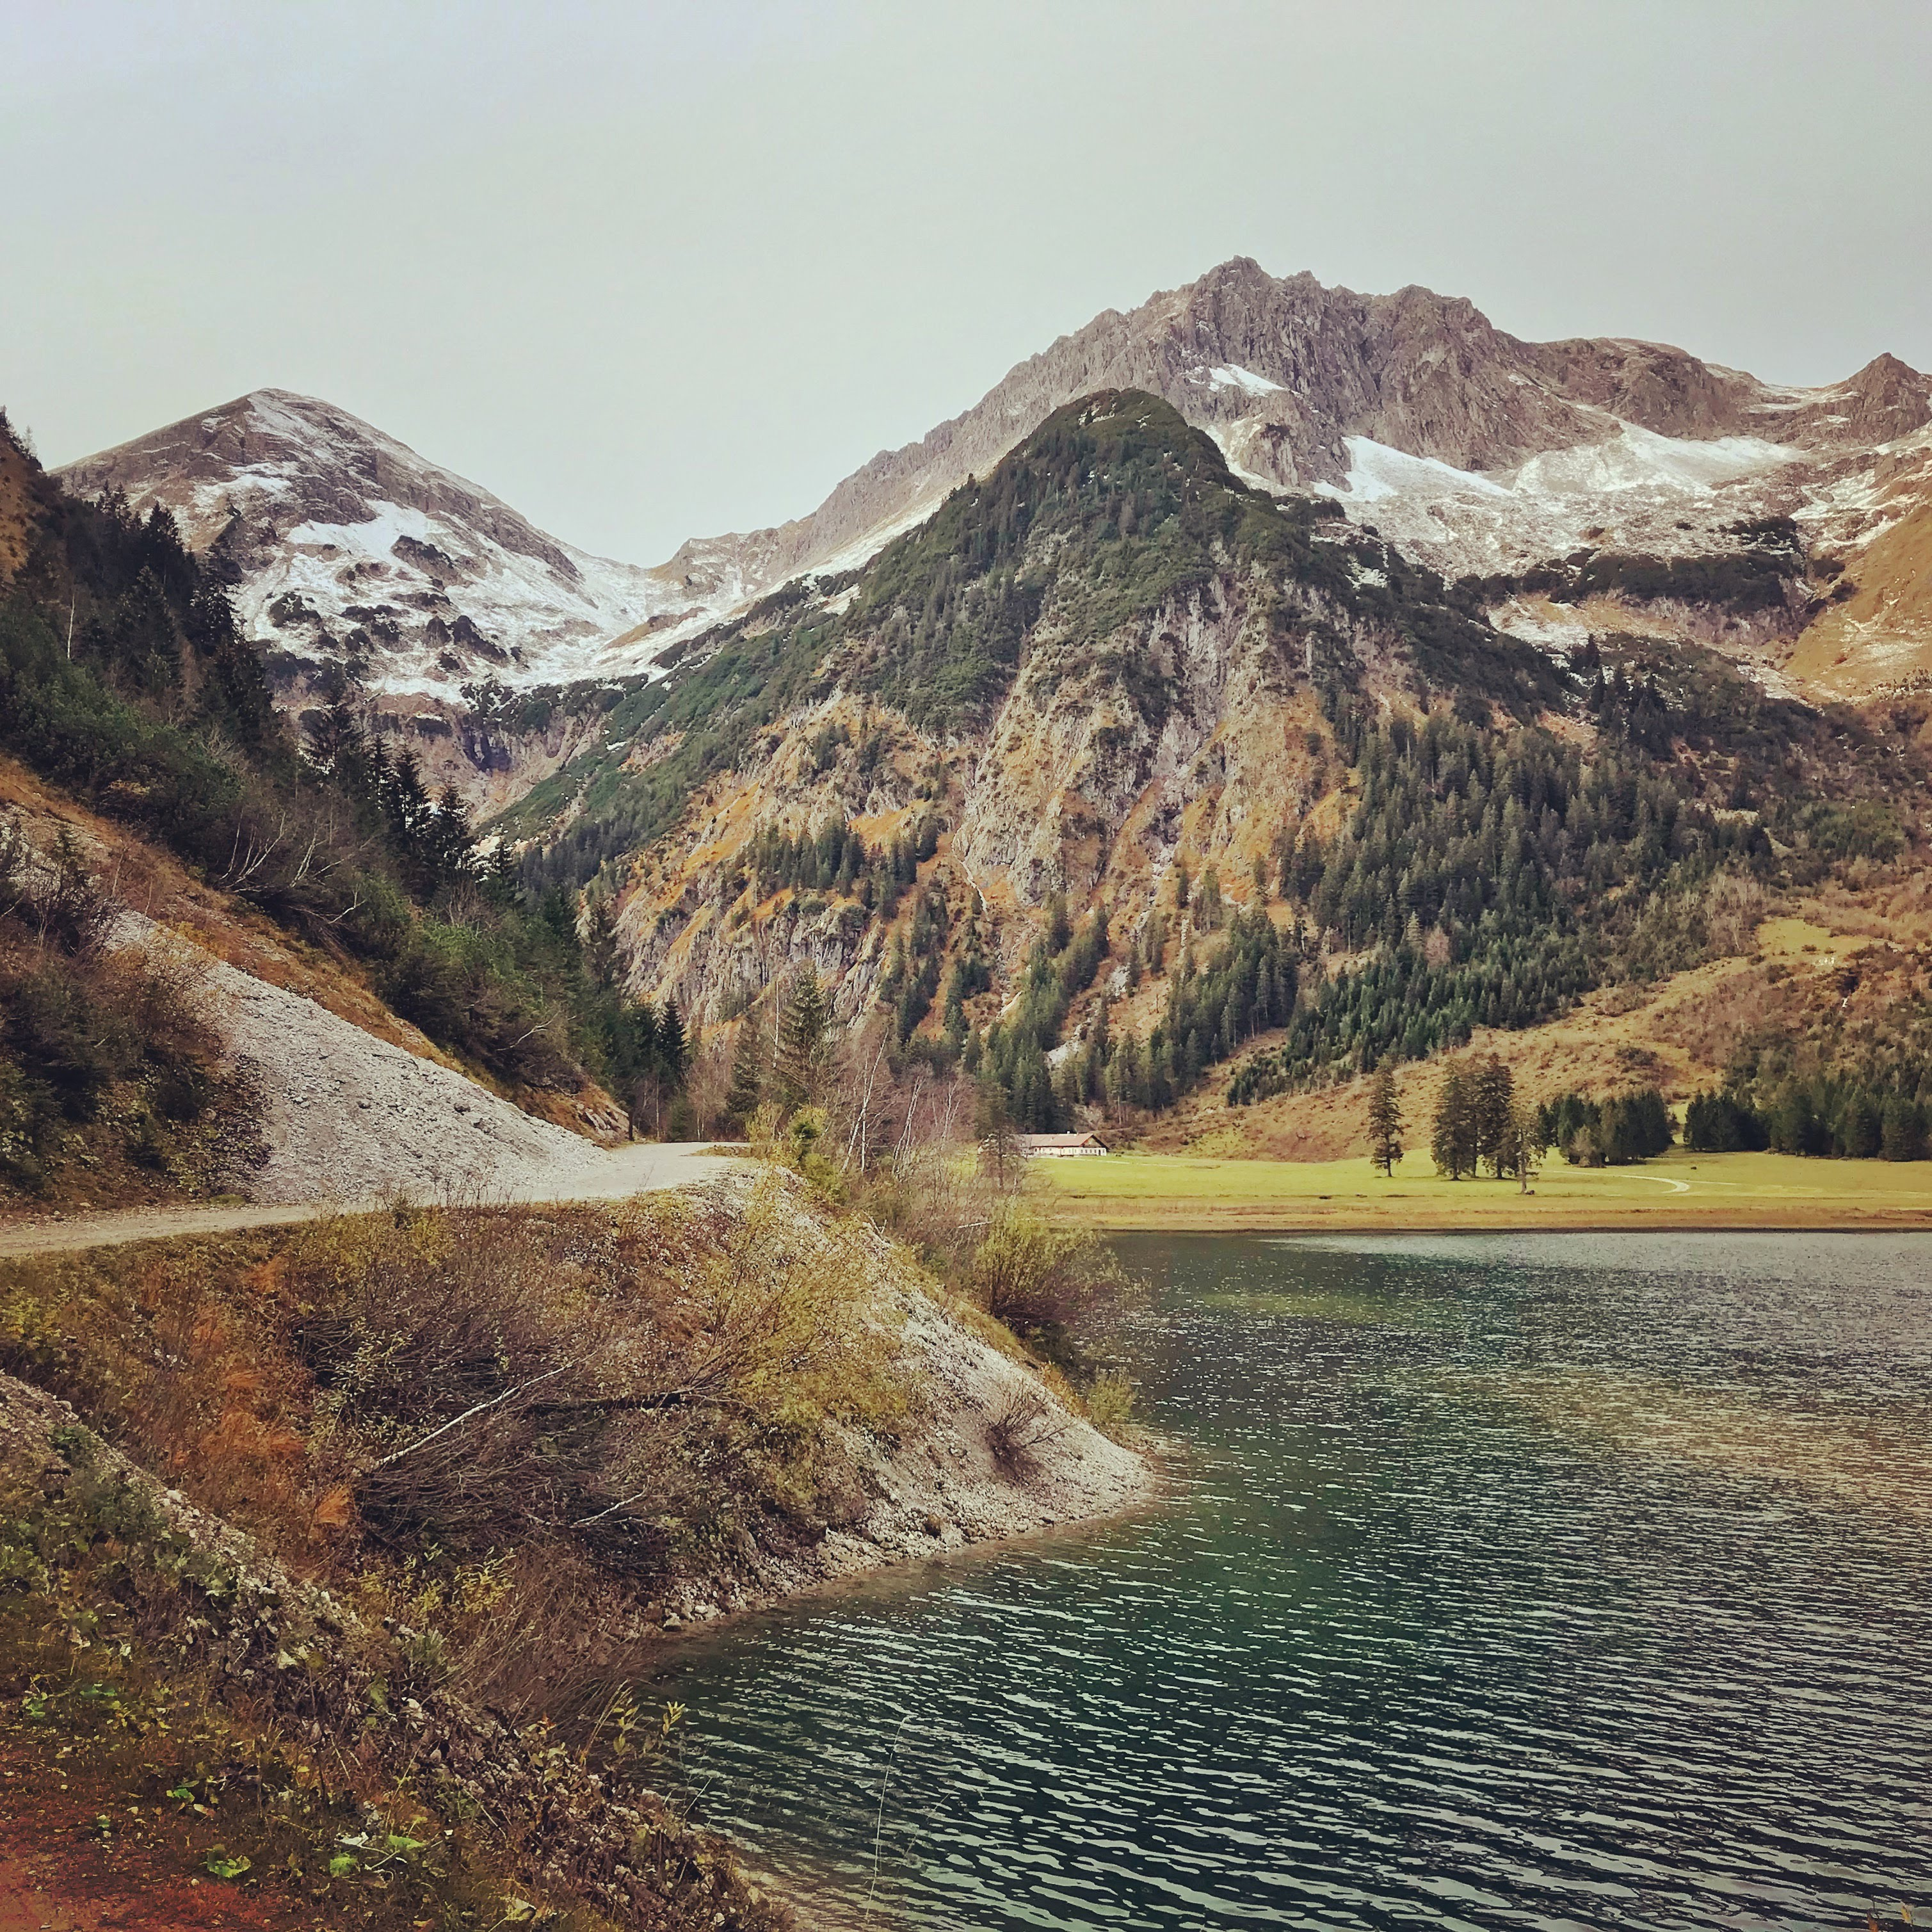 Wandeling langs de Vilsalpsee in het Tannheimer Tal